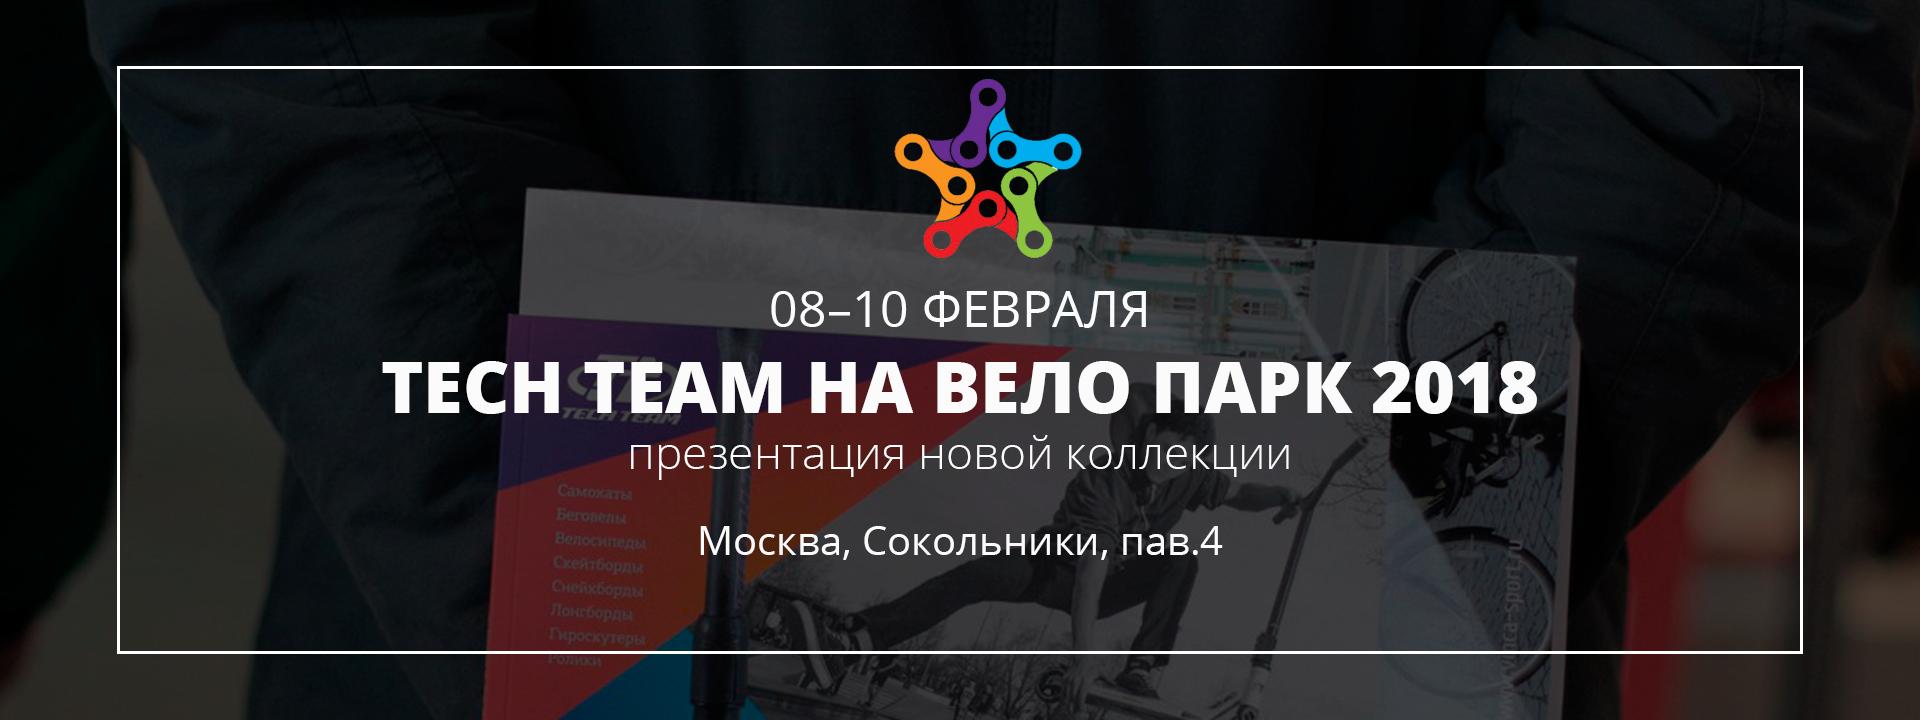 Tech Team на Велопарк 2018